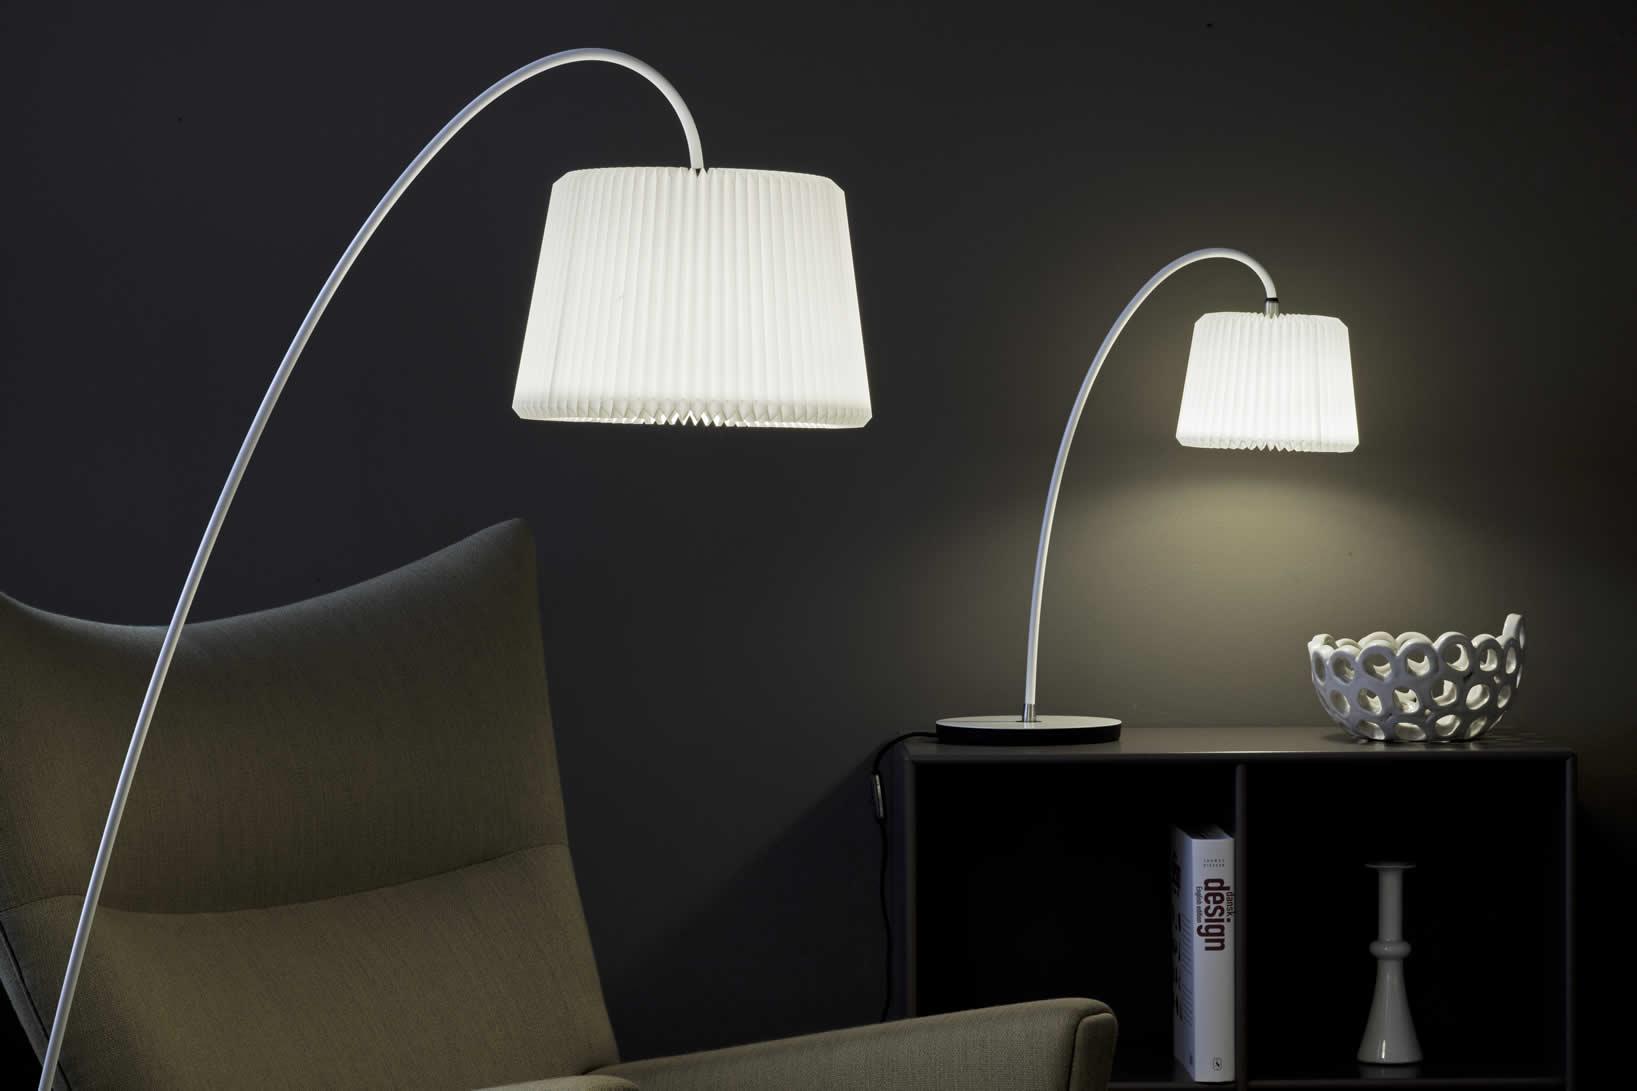 Moderne design staande lamp met en klassieke touch